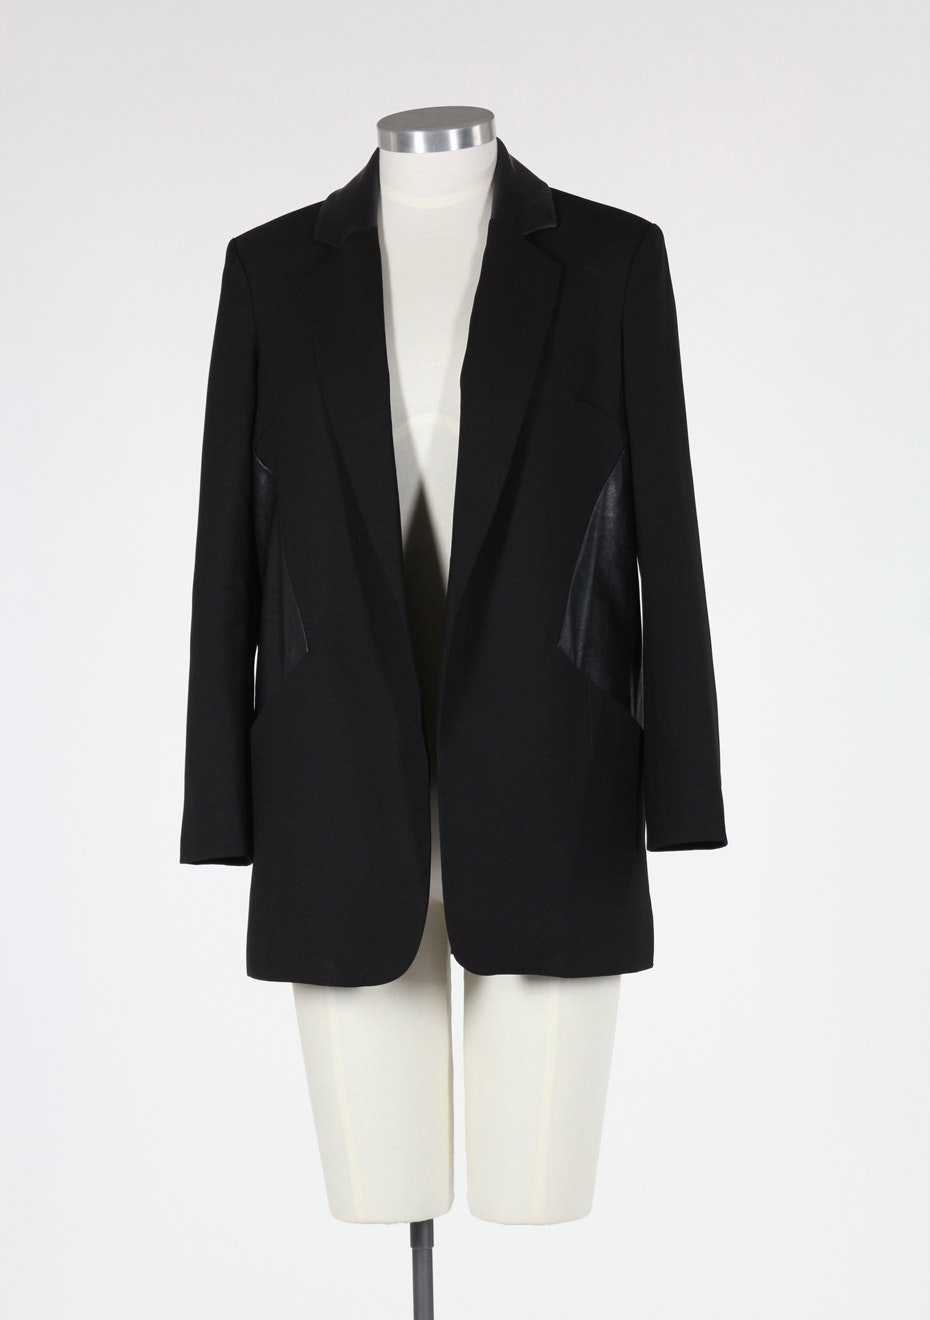 XPLAIN - Deco Jacket - Black